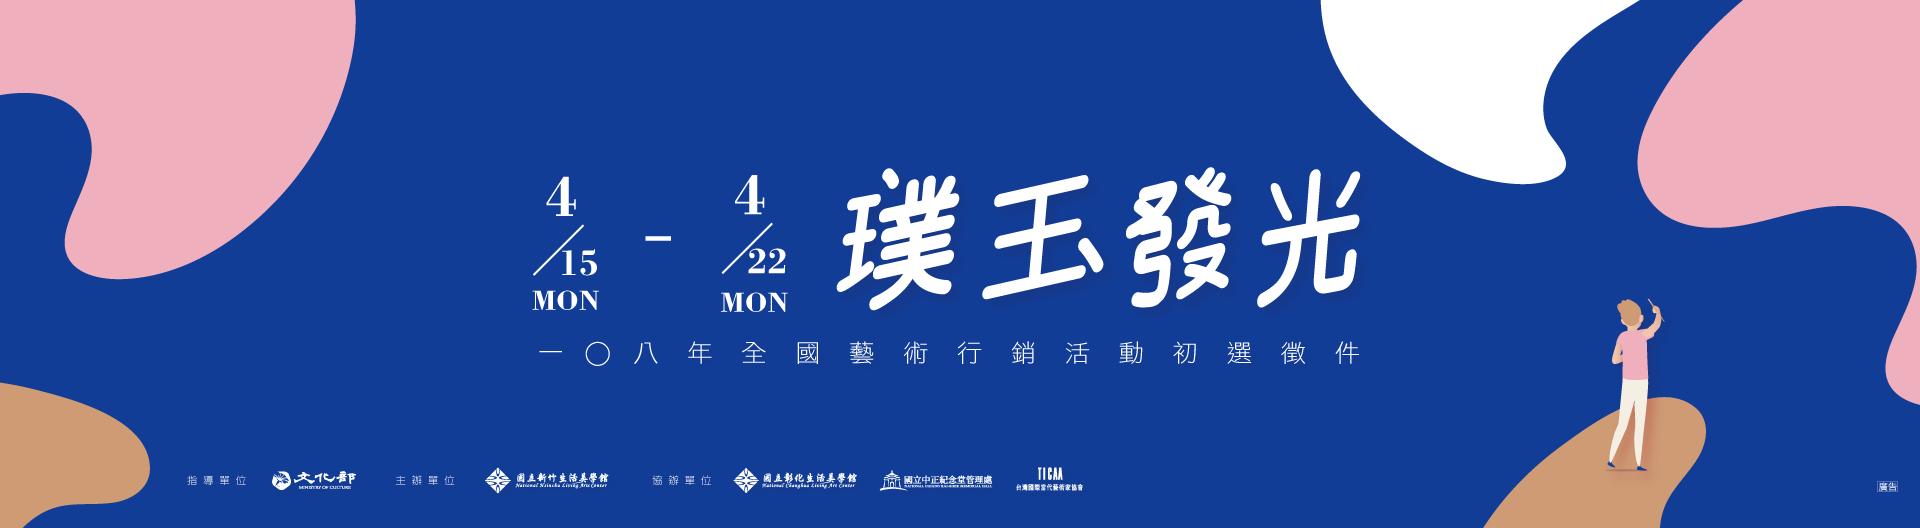 108年「璞玉發光-全國藝術行銷活動」初選徵件